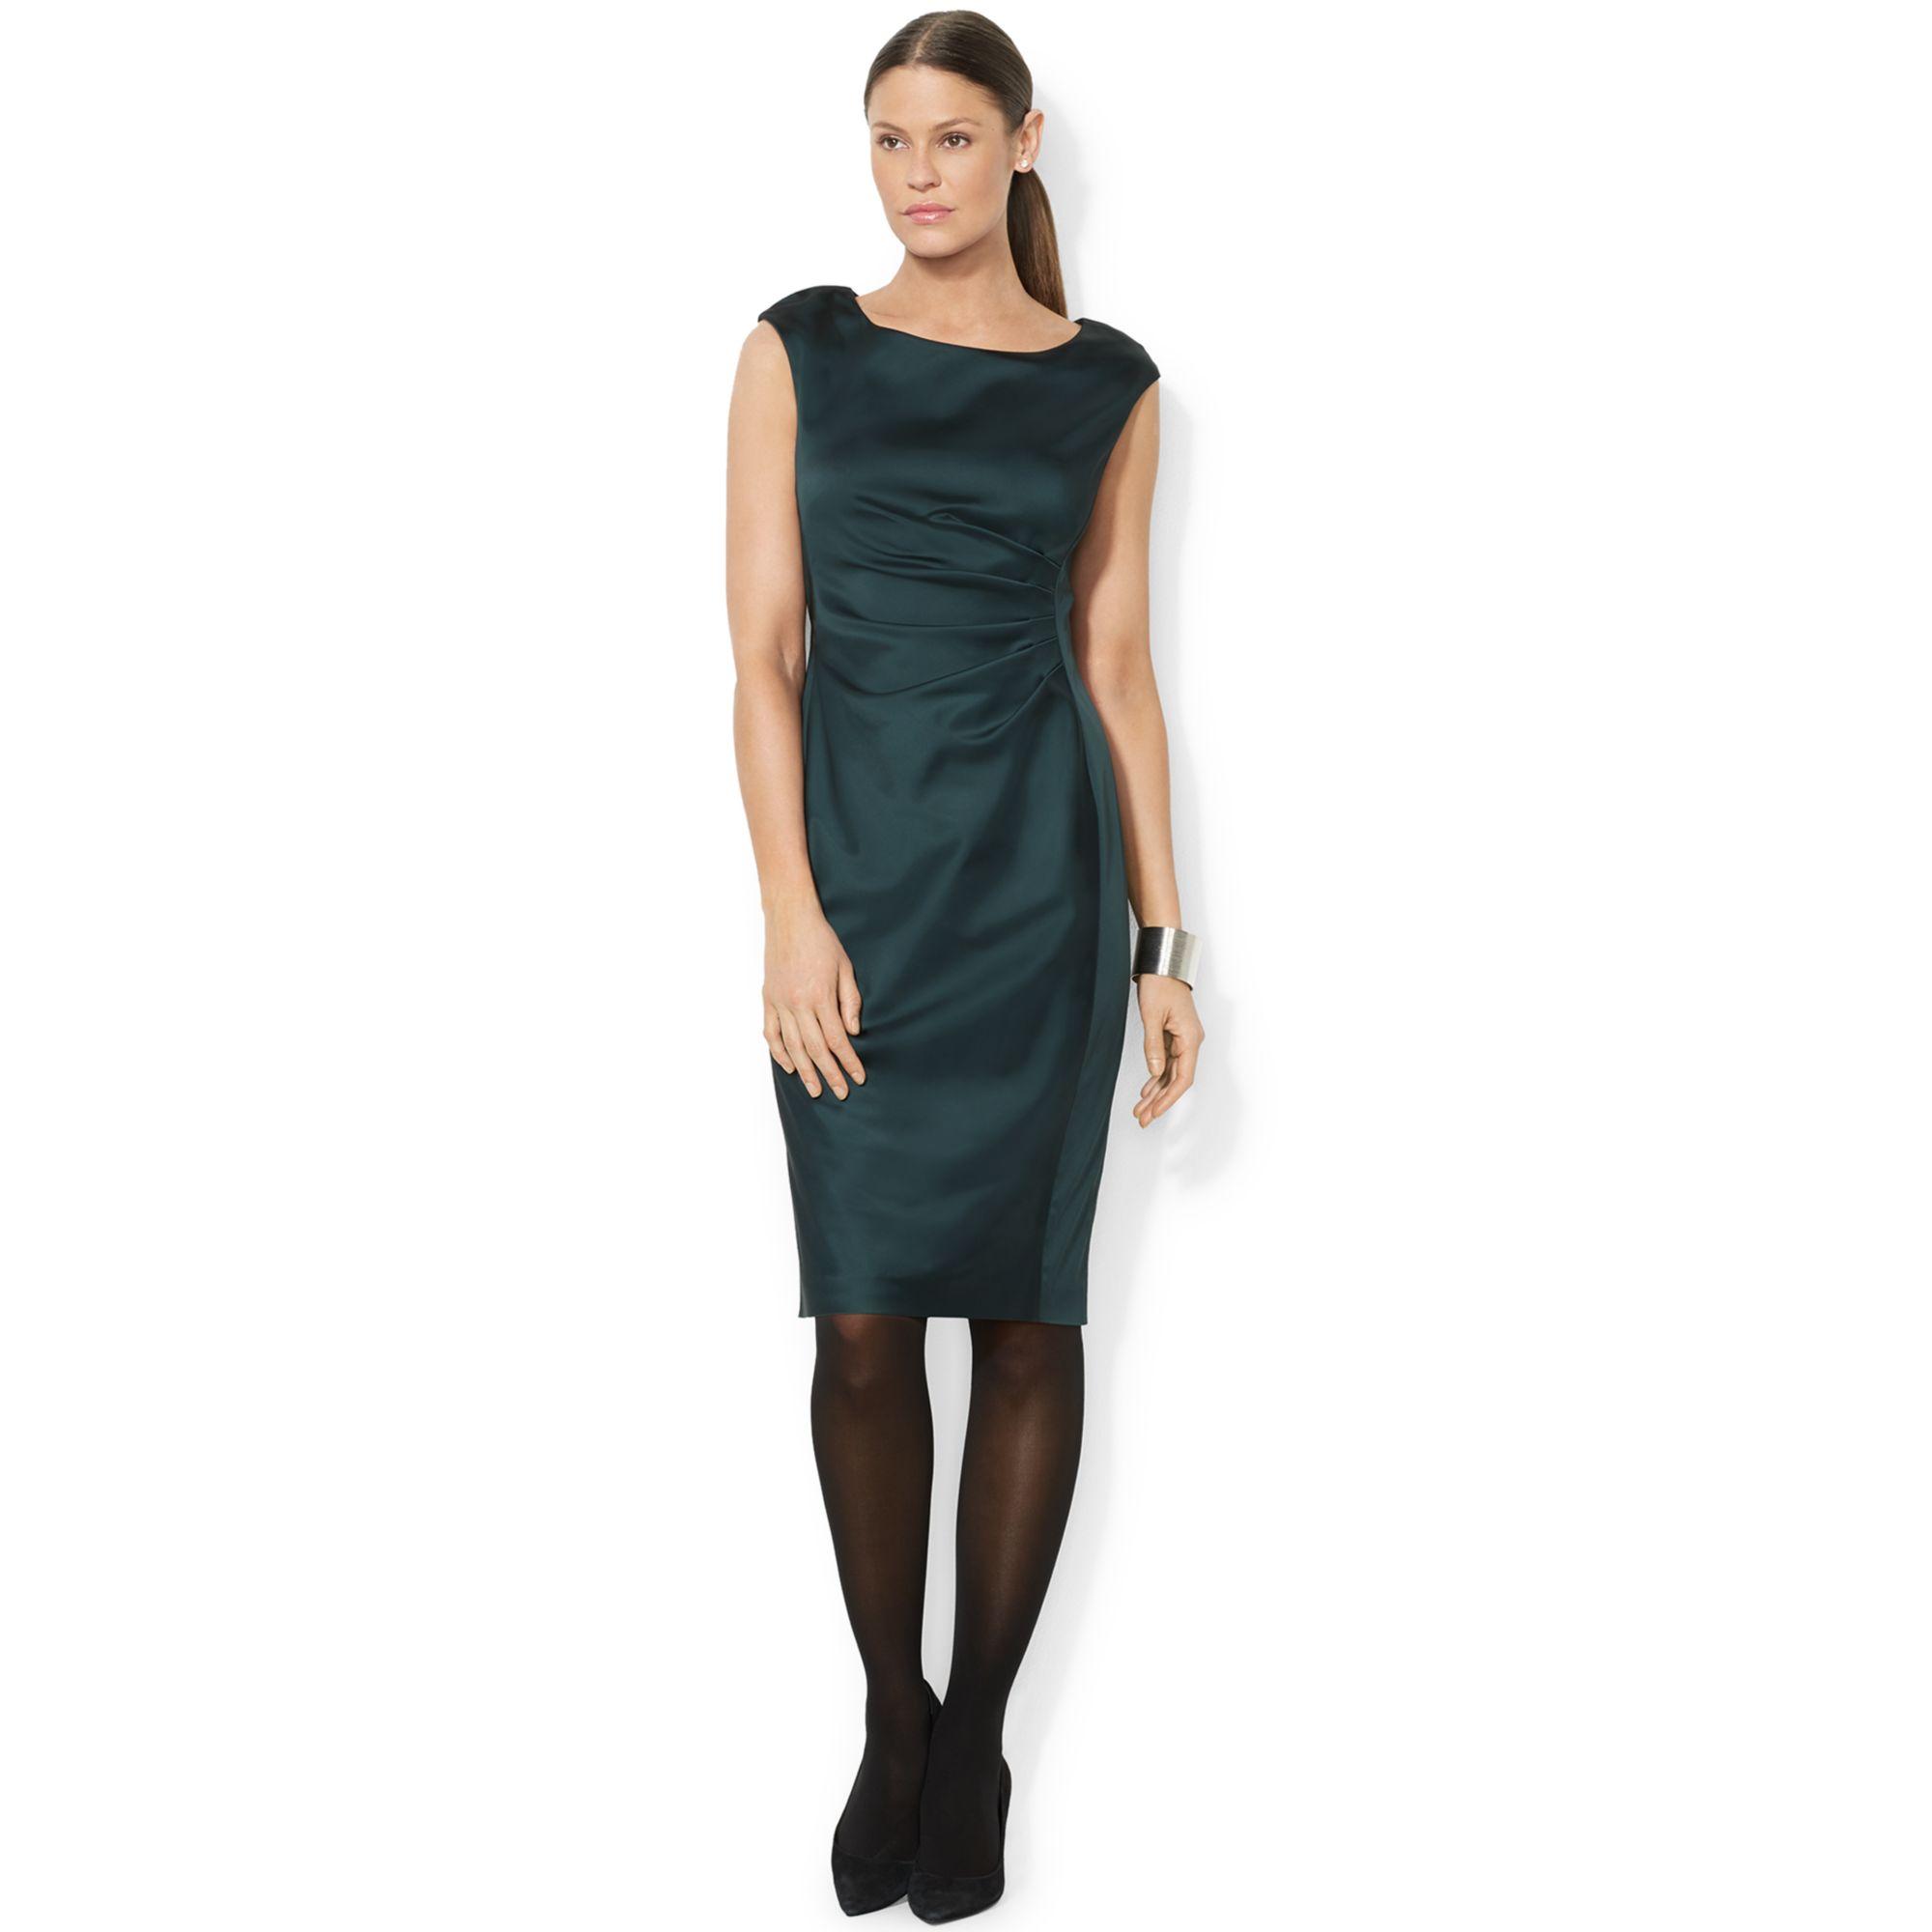 Satin Sheath Dresses